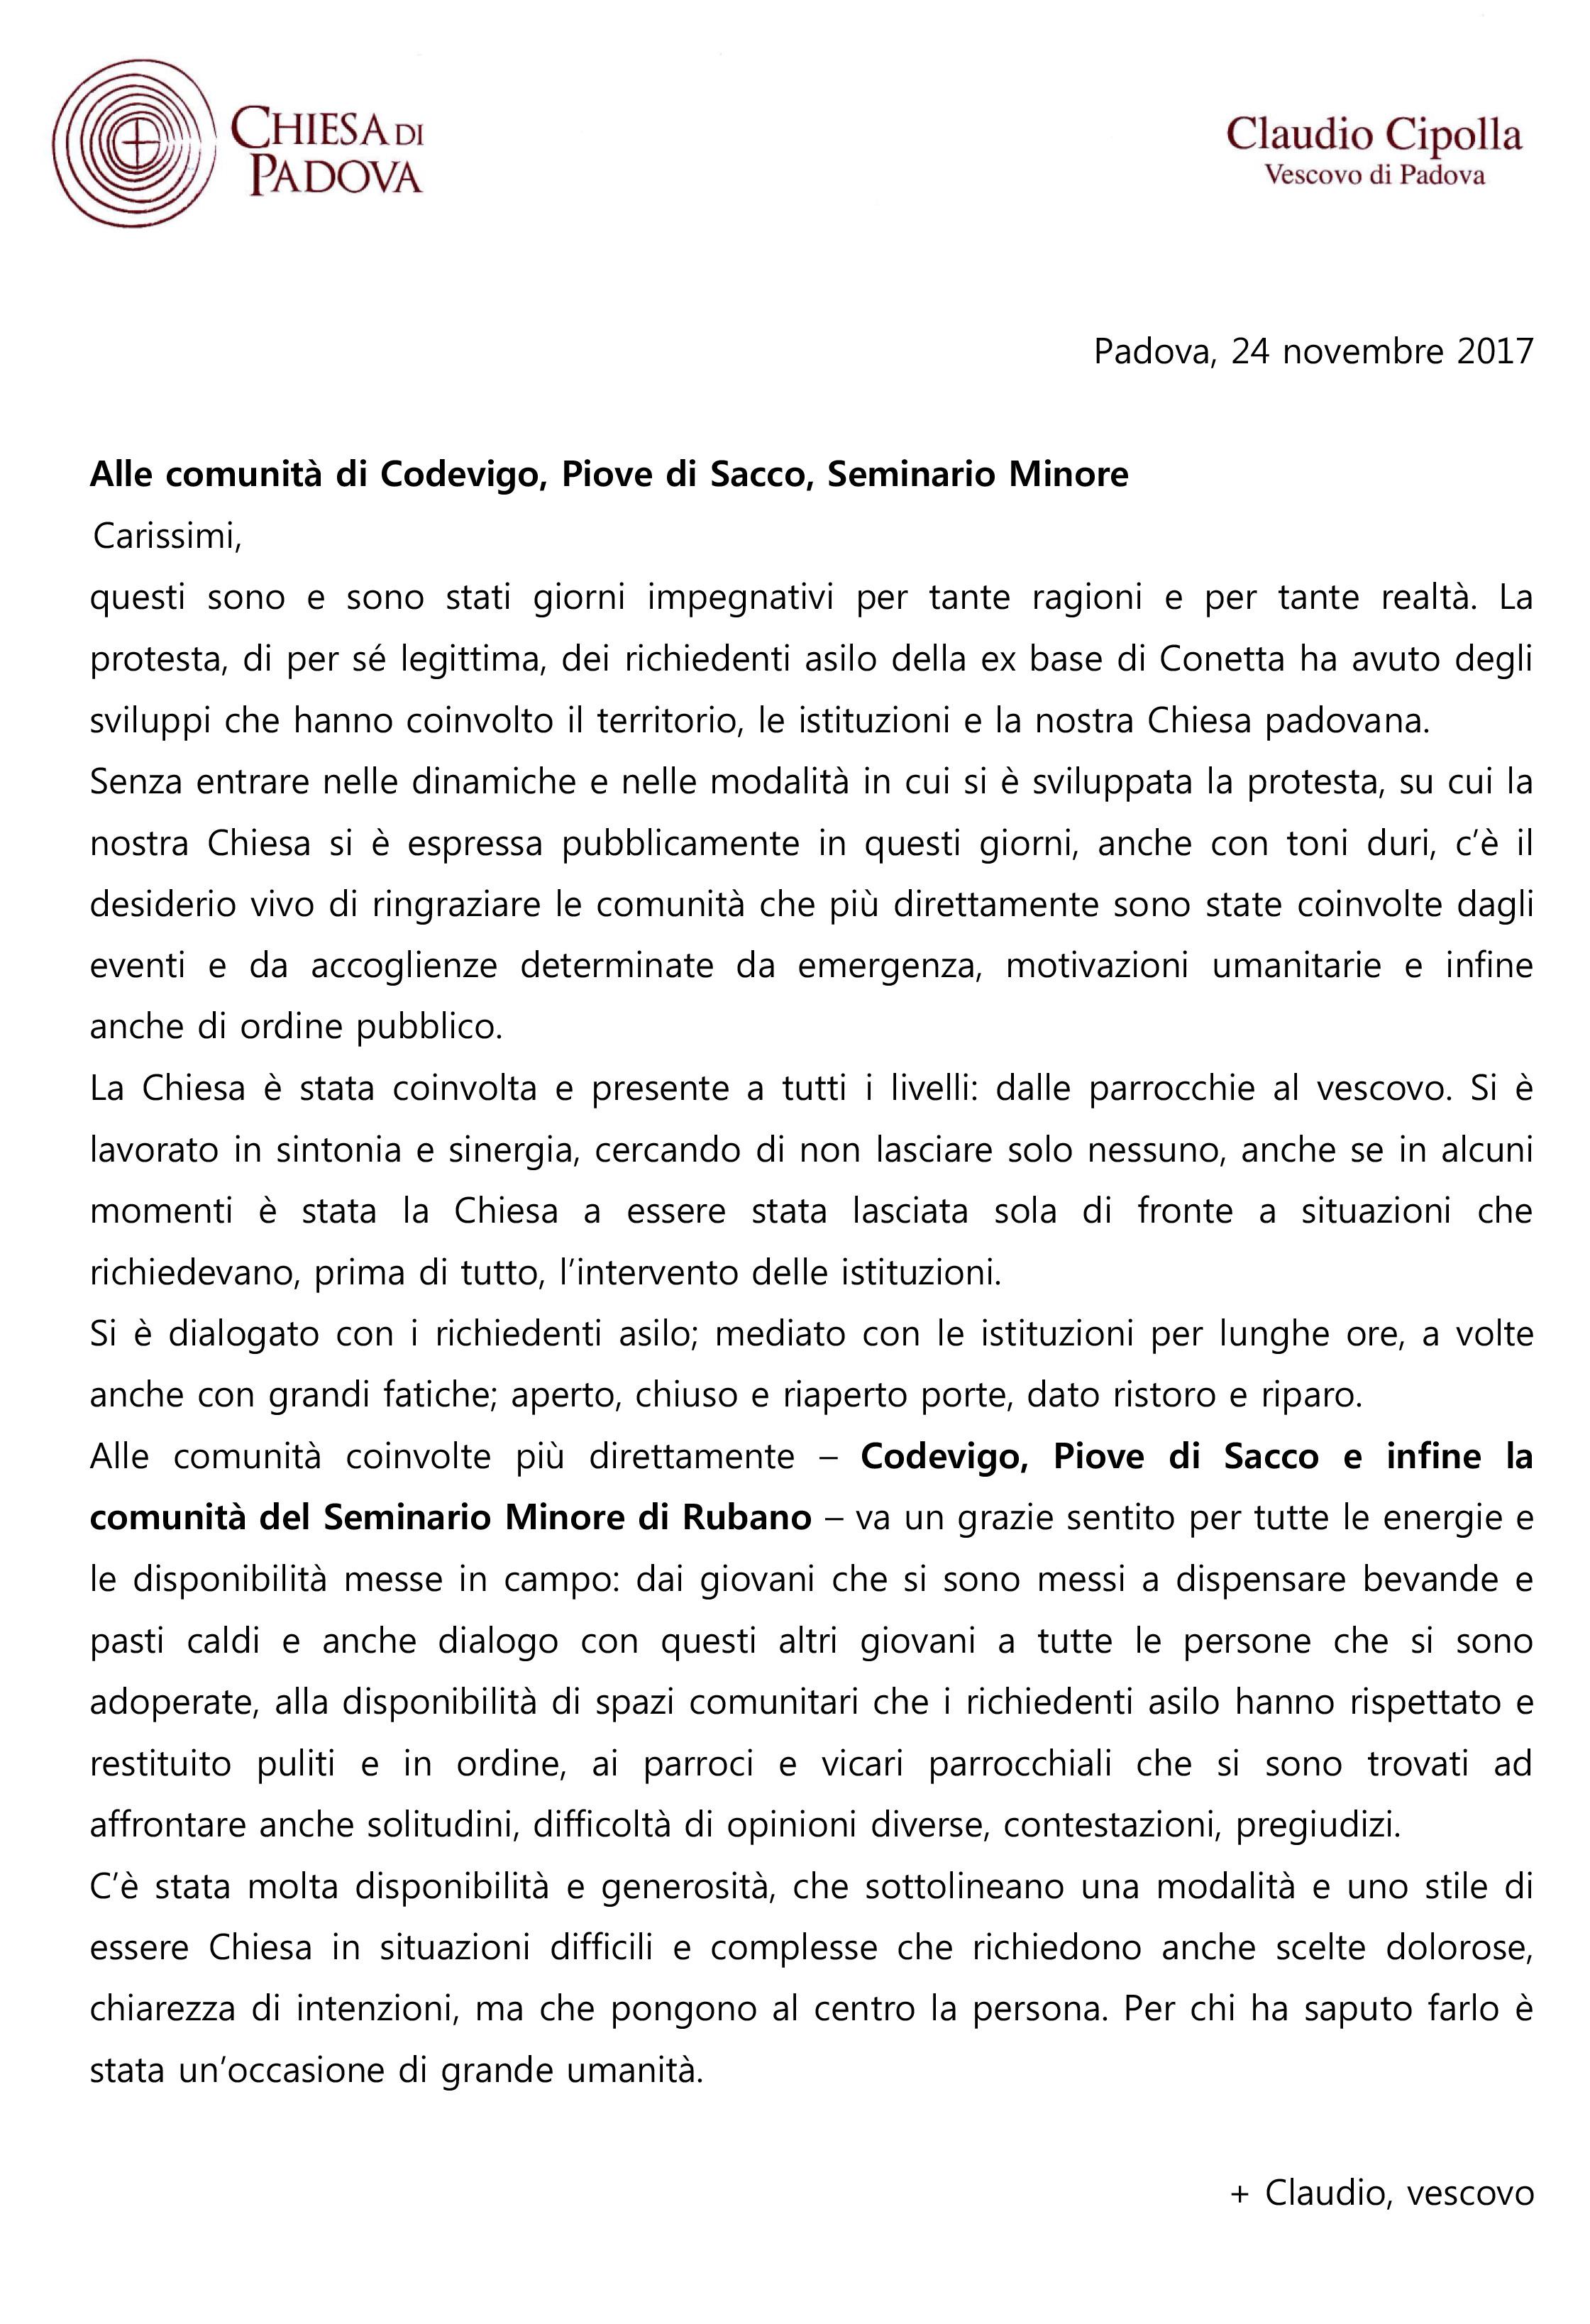 lettera_vescovo_comunita_accoglienti